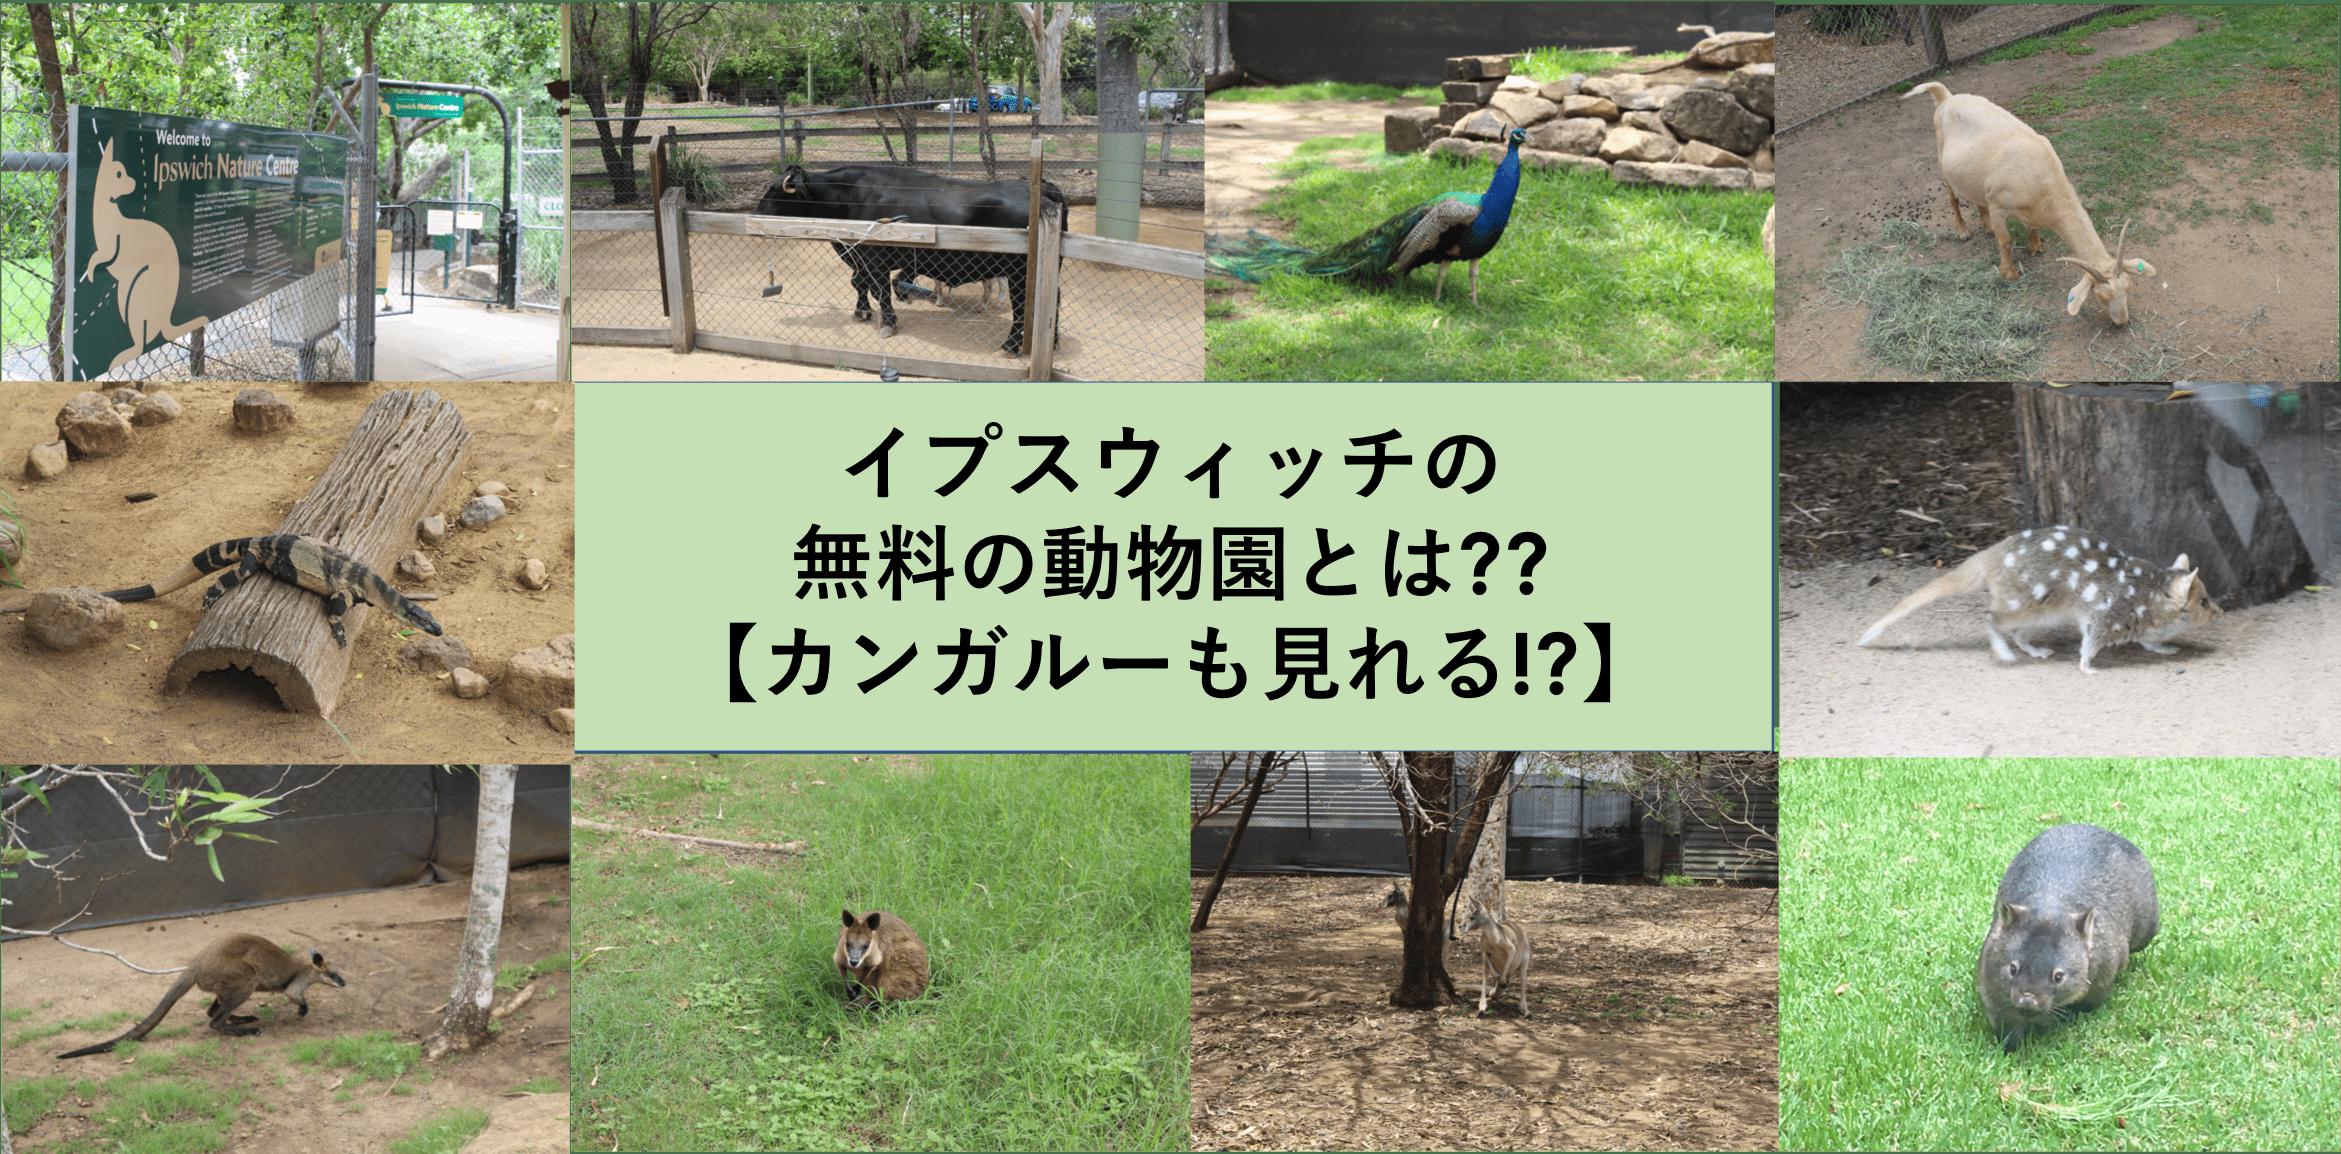 イプスウィッチの無料の動物園とは??【カンガルーも見れる!?】